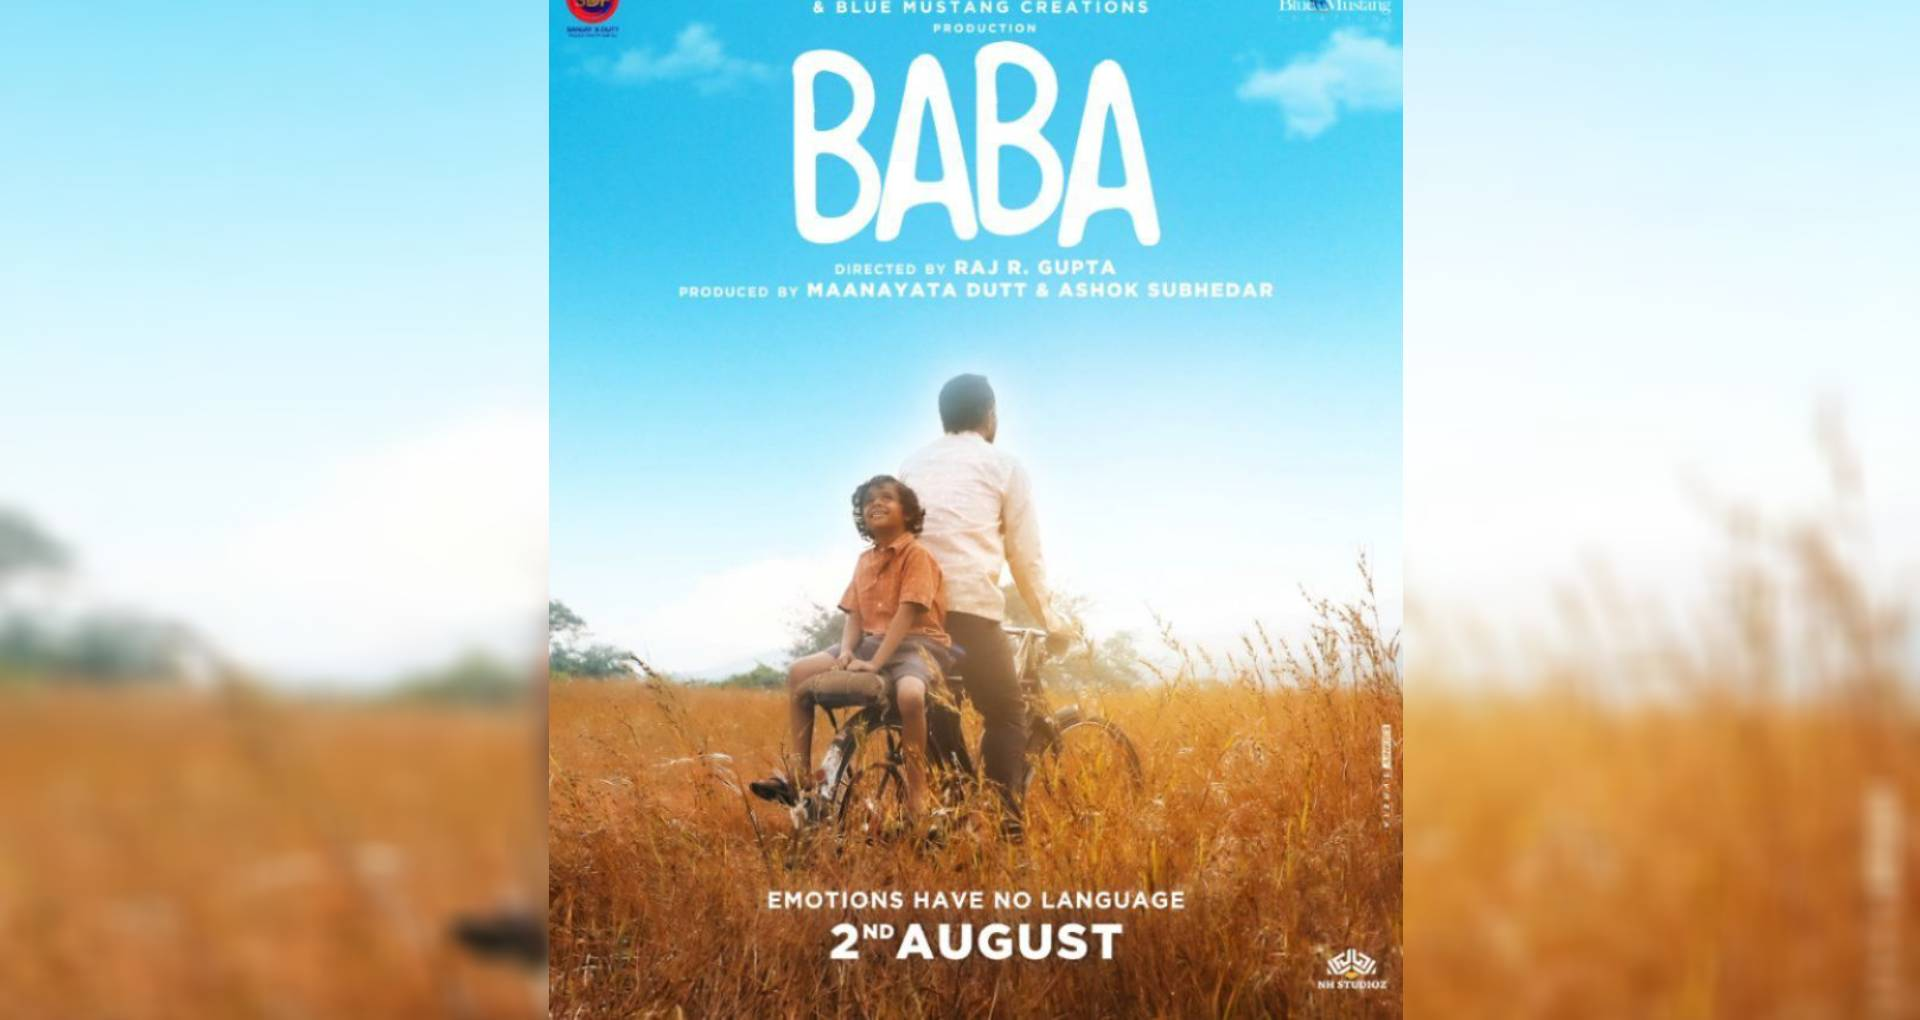 संजय दत्त ने रिलीज किया अपनी पहली मराठी फिल्म बाबा का मोशन पोस्टर, पिता सुनील दत्त को ऐसे किया याद